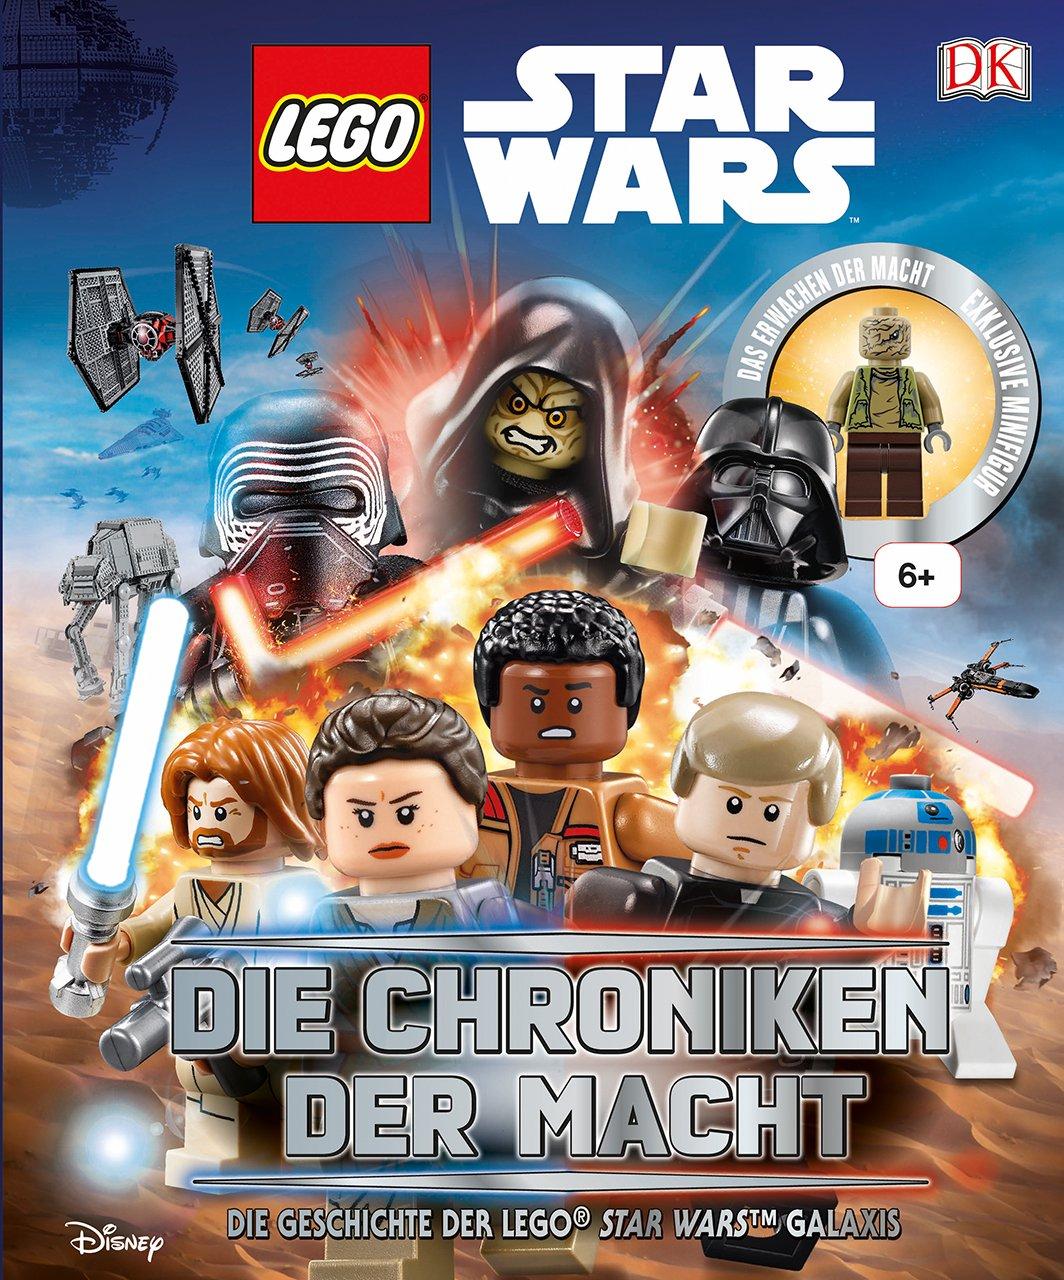 star wars chroniken